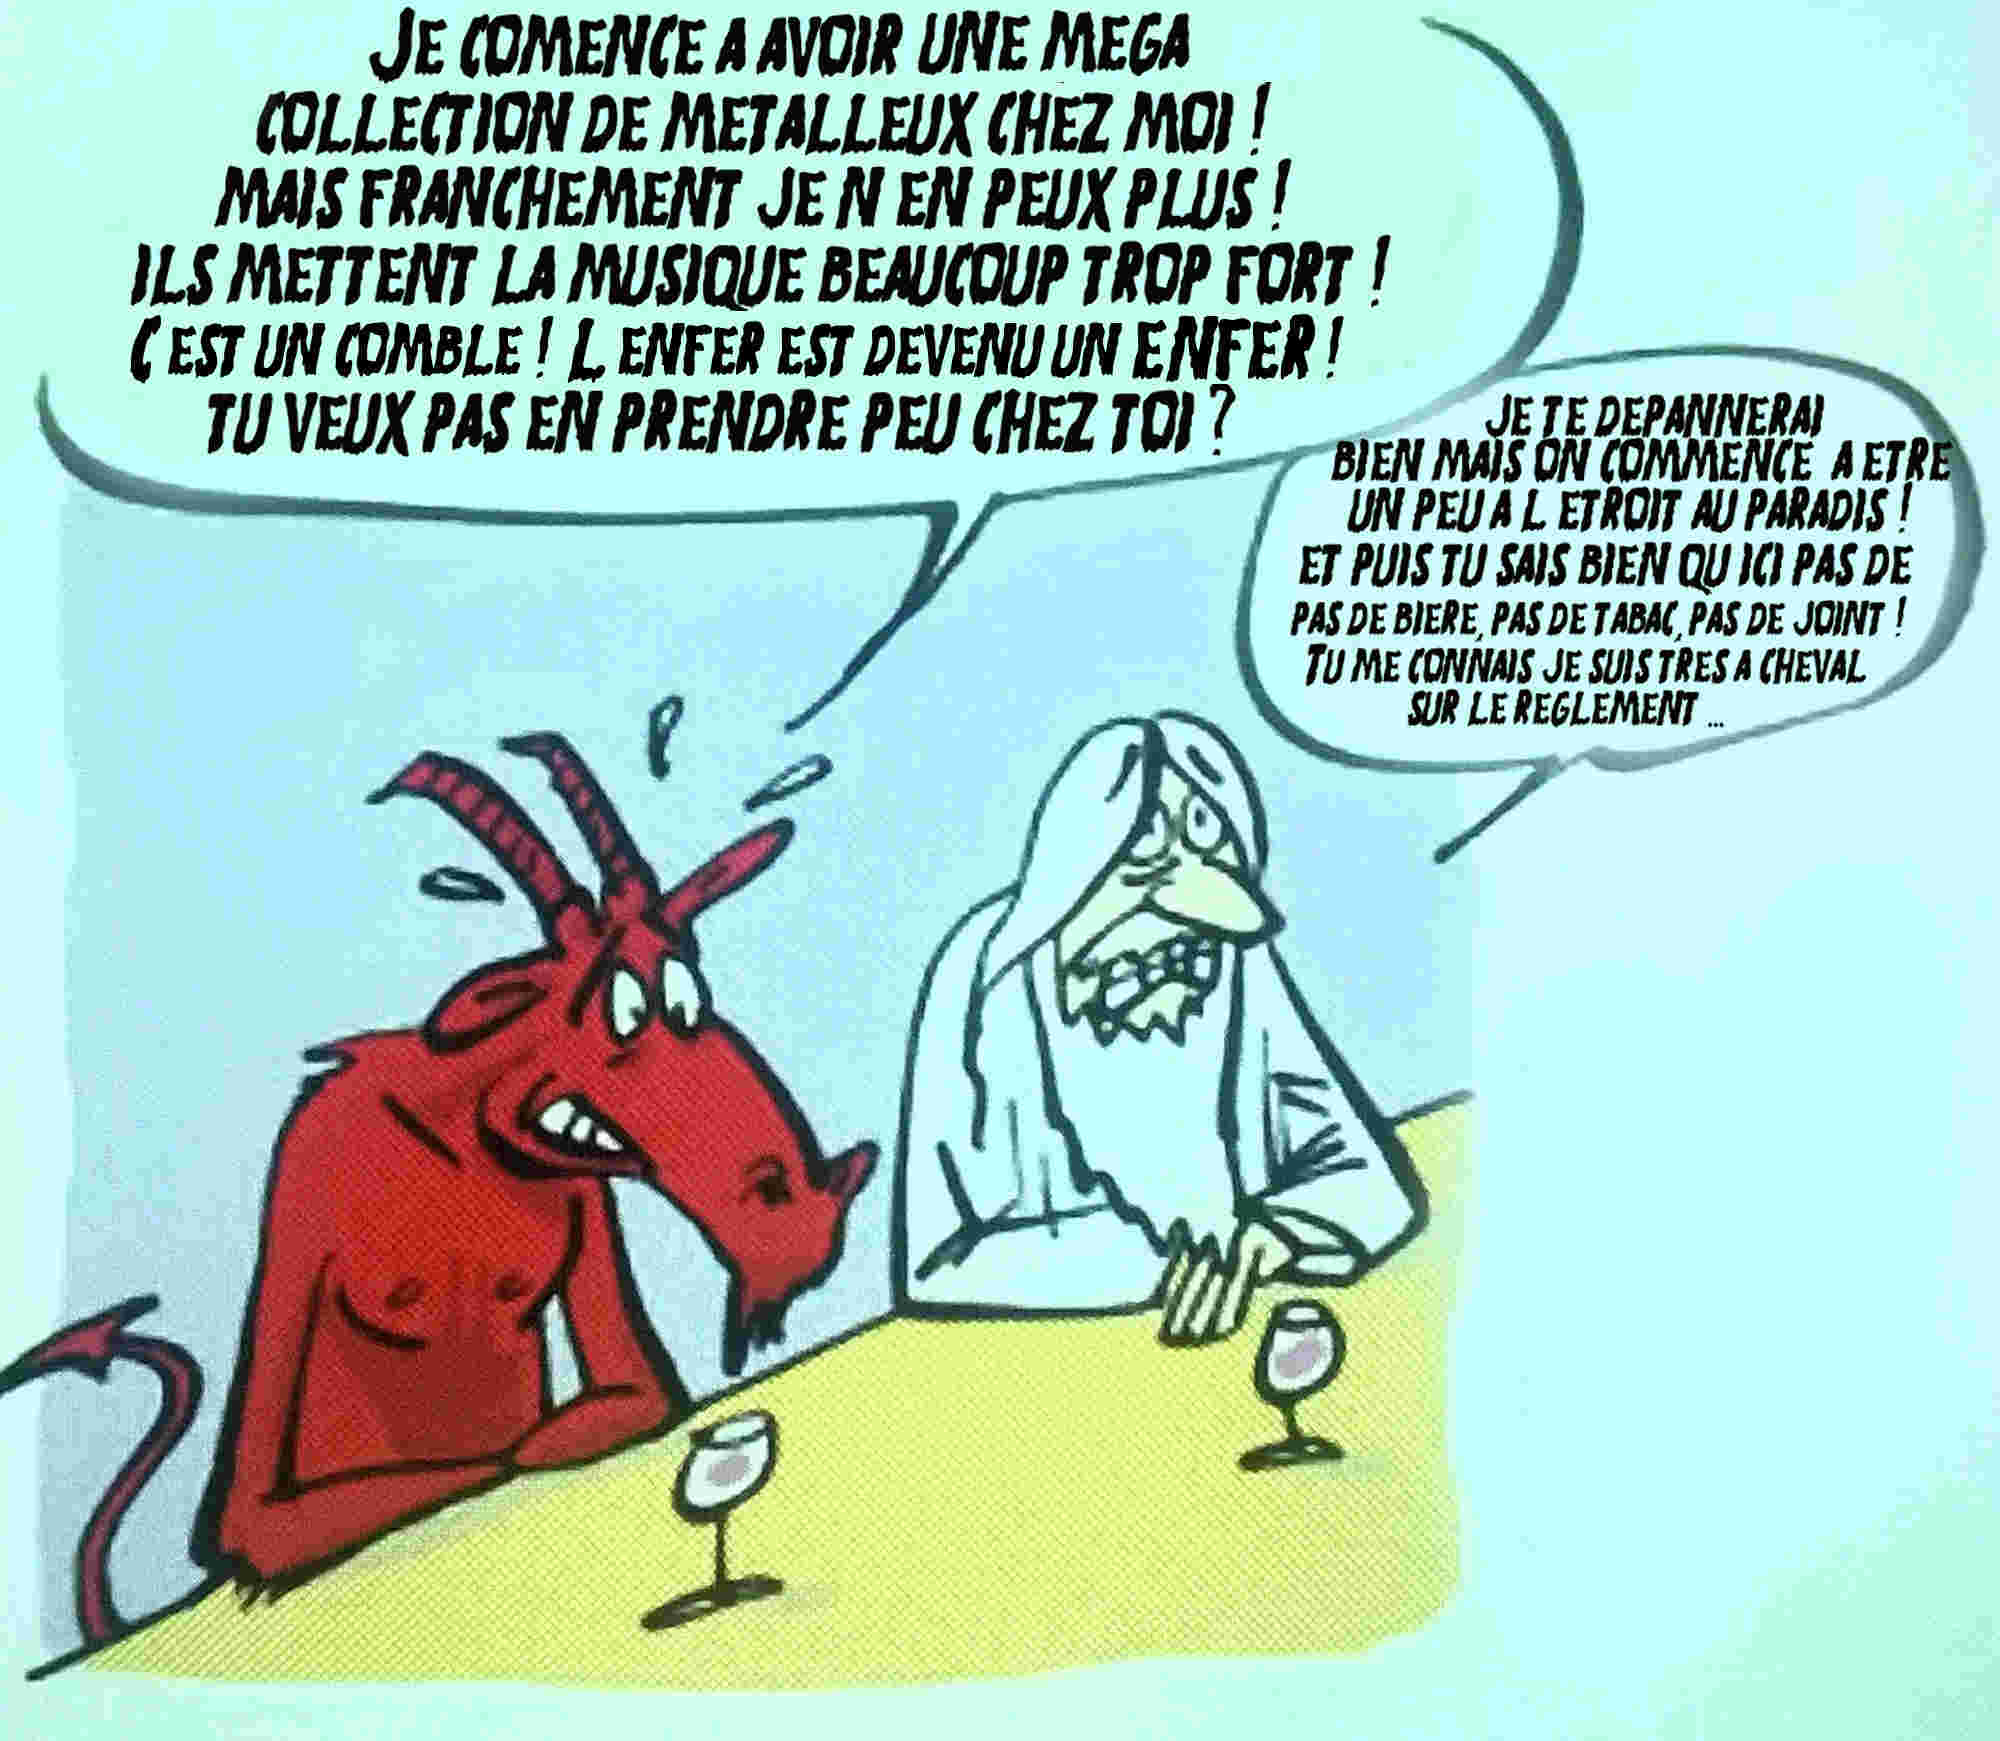 L'enfer est plein de métalleux qui dérangent le diable ... (humour) Abc_5_11